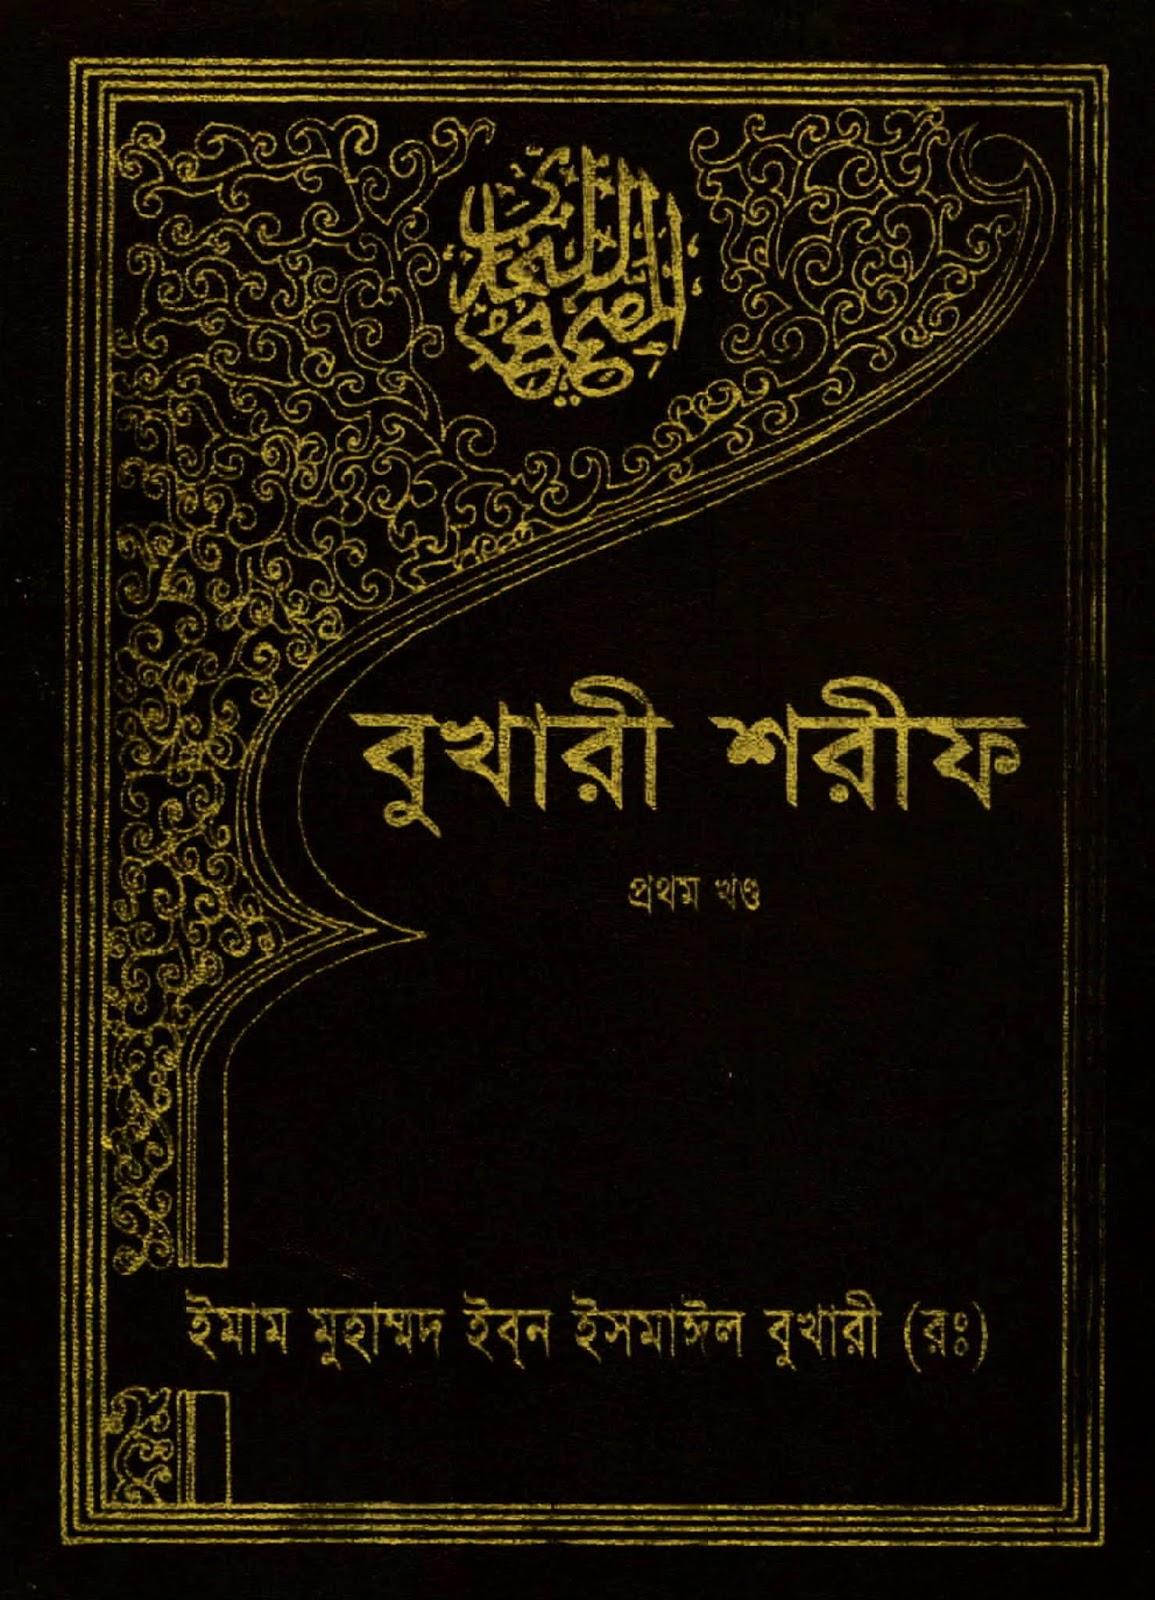 বোখারী শরীফ ১ম খন্ড pdf | বোখারী শরীফ ফ্রিতে ডাউনলোড করুন | bangla hadith | bangla hadis | hadithbd | হাদিস